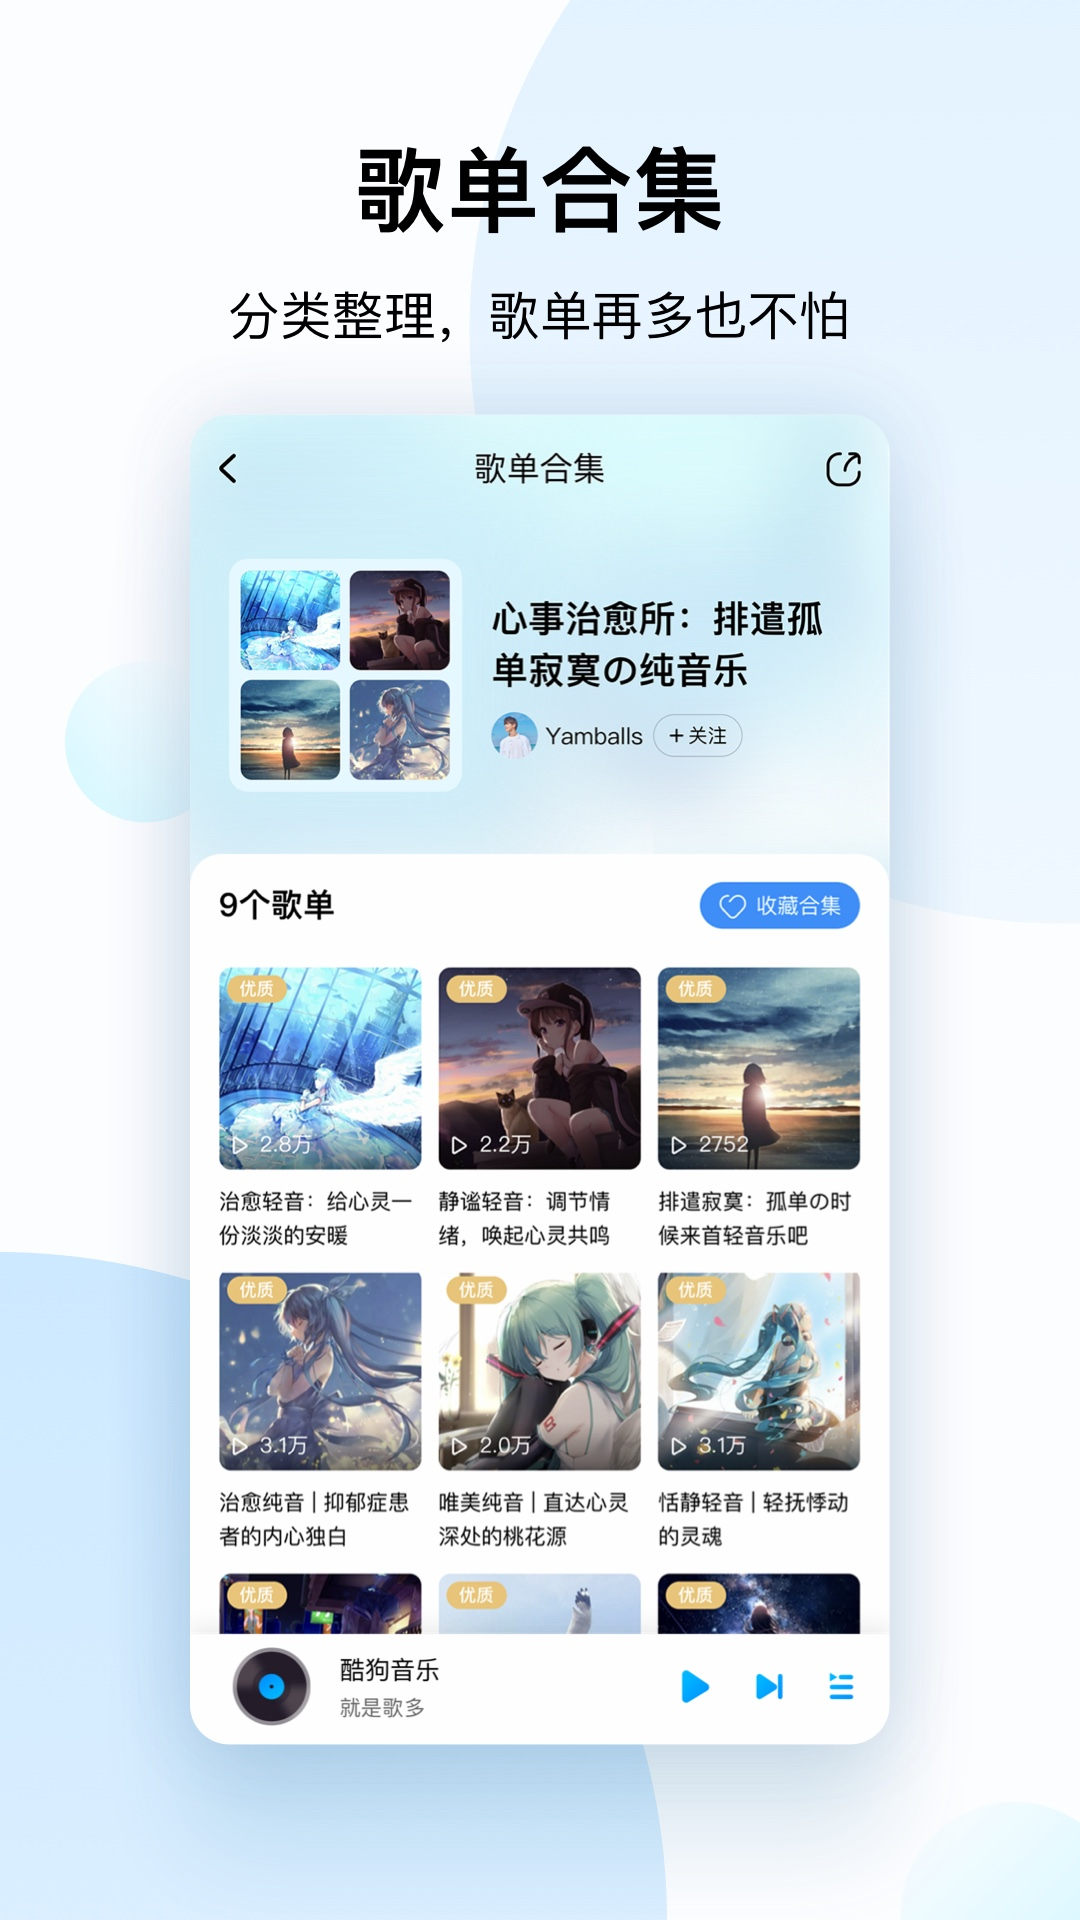 酷狗音乐下载安装2021免费下载v10.8.2 安卓版